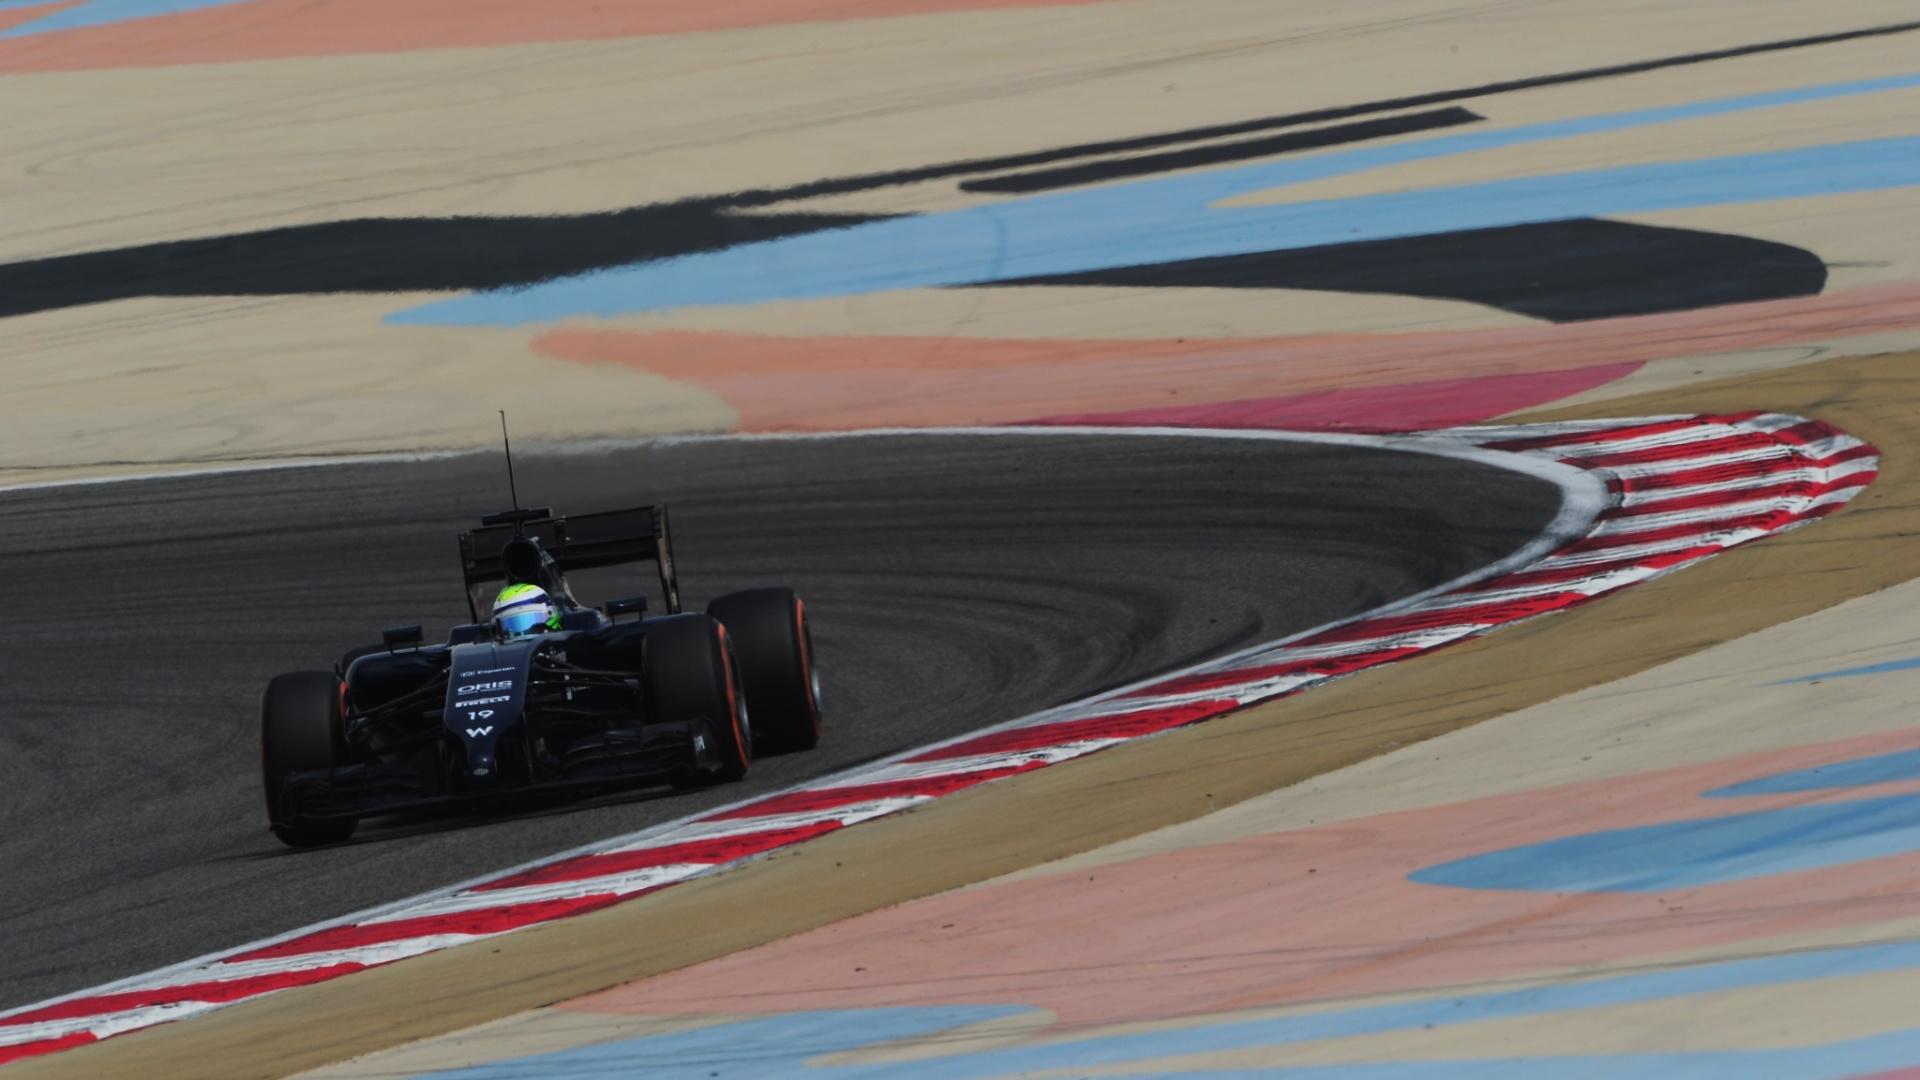 28.fev.2014 - Felipe Massa pilota no Bahrein; brasileiro levou a Williams ao quarto lugar nesta sexta